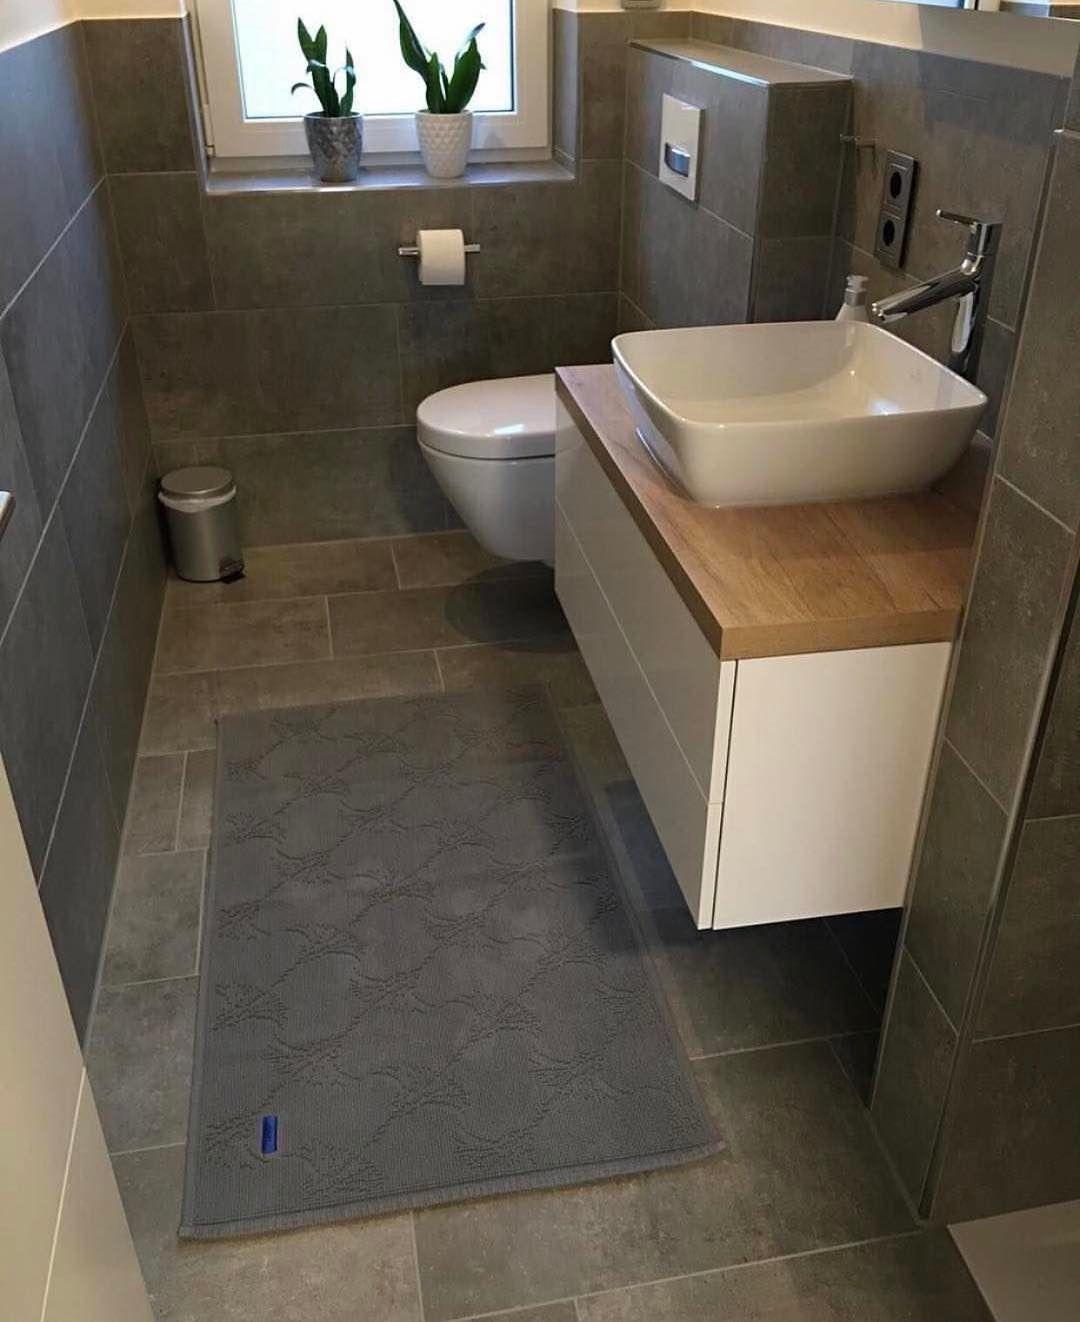 Gefallt 581 Mal 7 Kommentare Larasherz Larasherz Auf Instagram Blick Ins Gastebad Gastebad Ville Badezimmer Toilette Waschbecken Toiletten